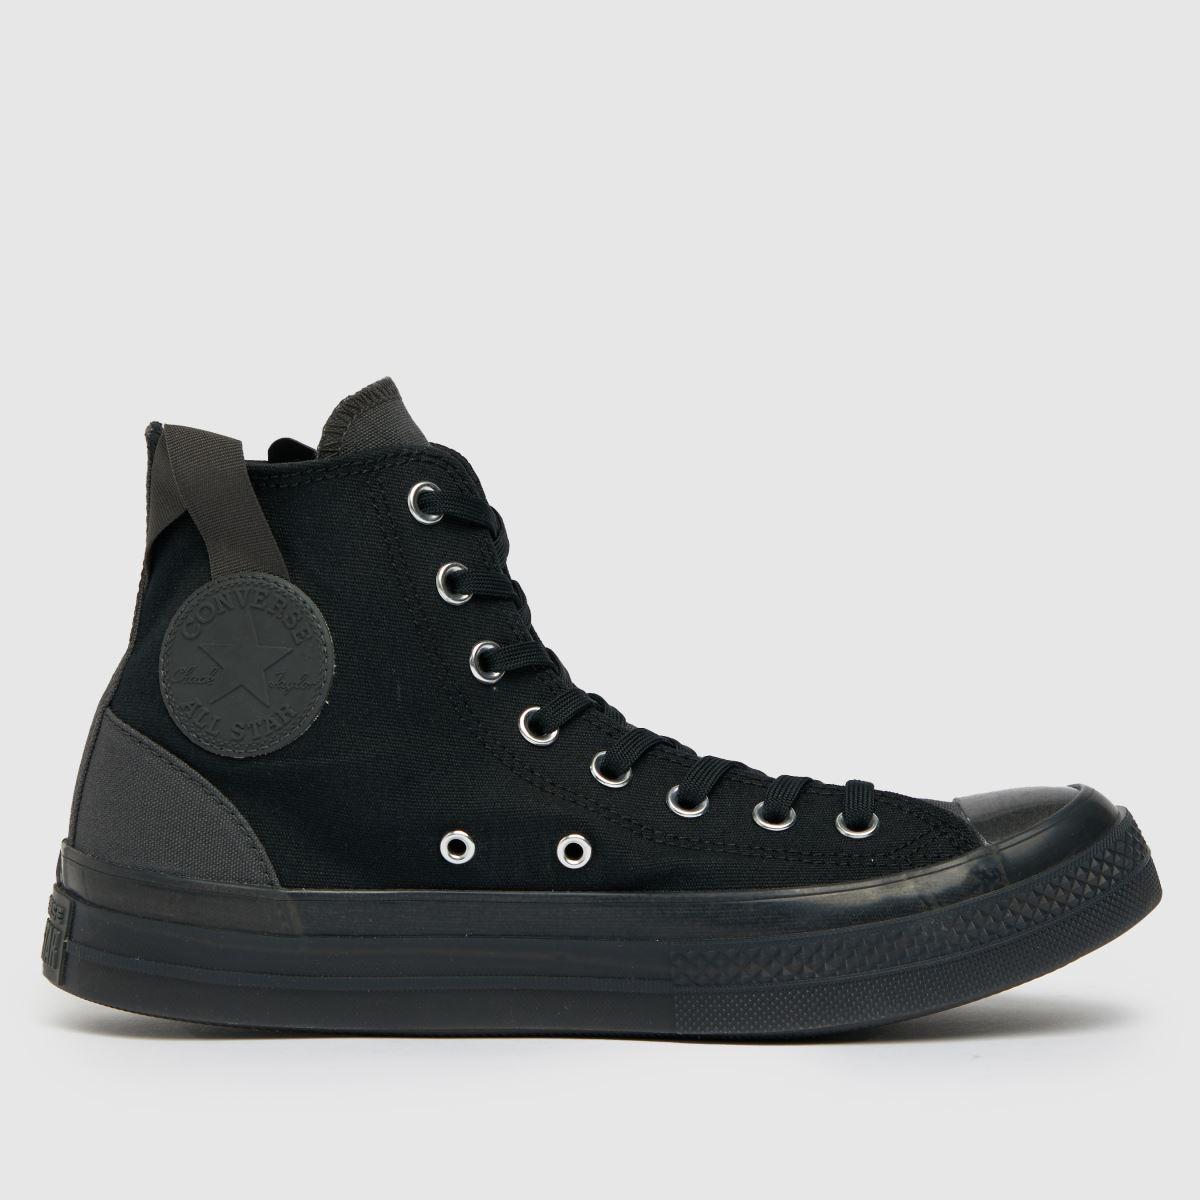 Converse Black Cons Ctas Cx Hi Trainers